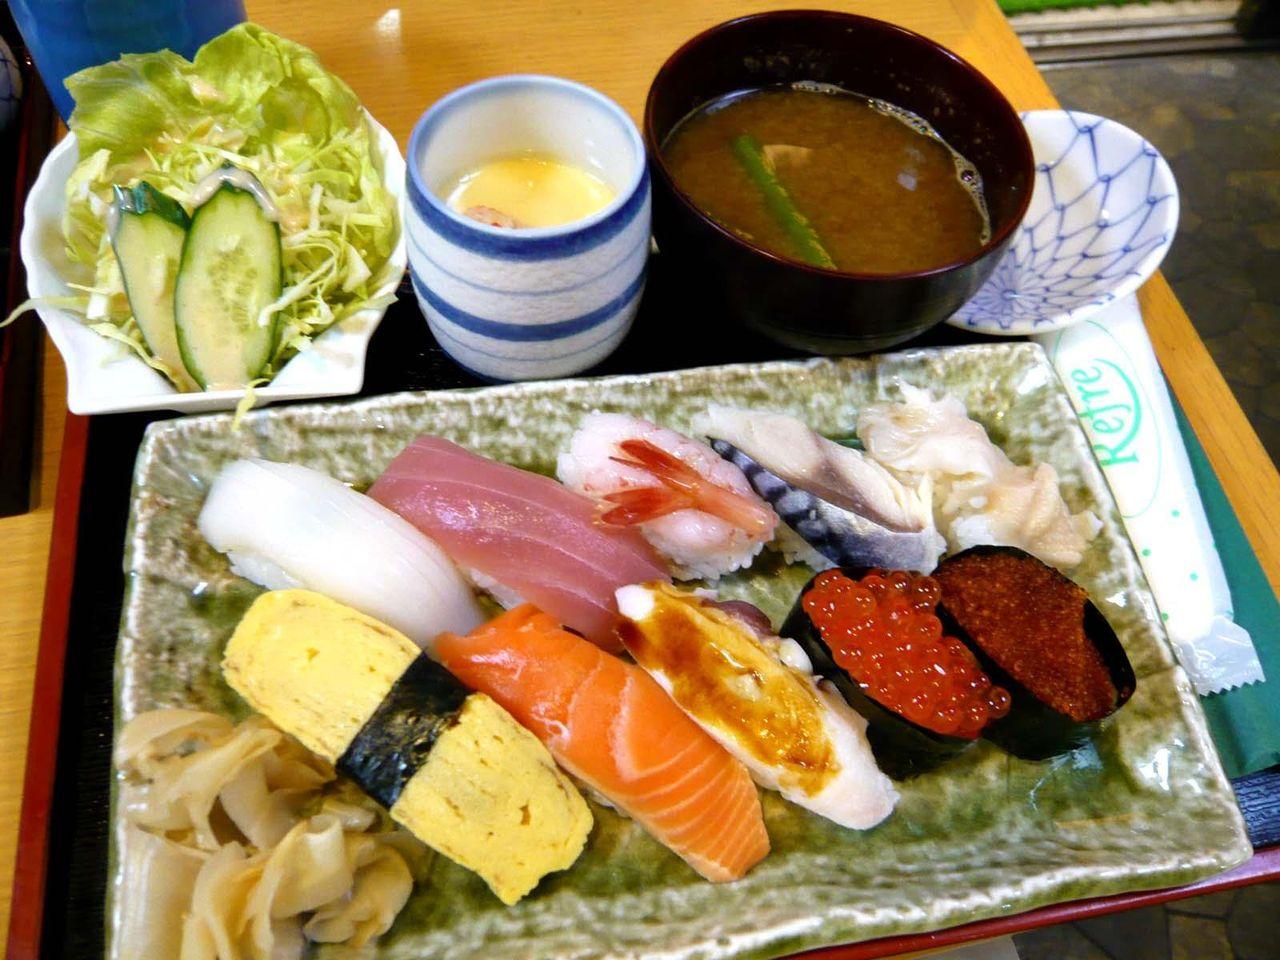 にぎり寿司を食べたい方にお勧め、Bセット1,200円